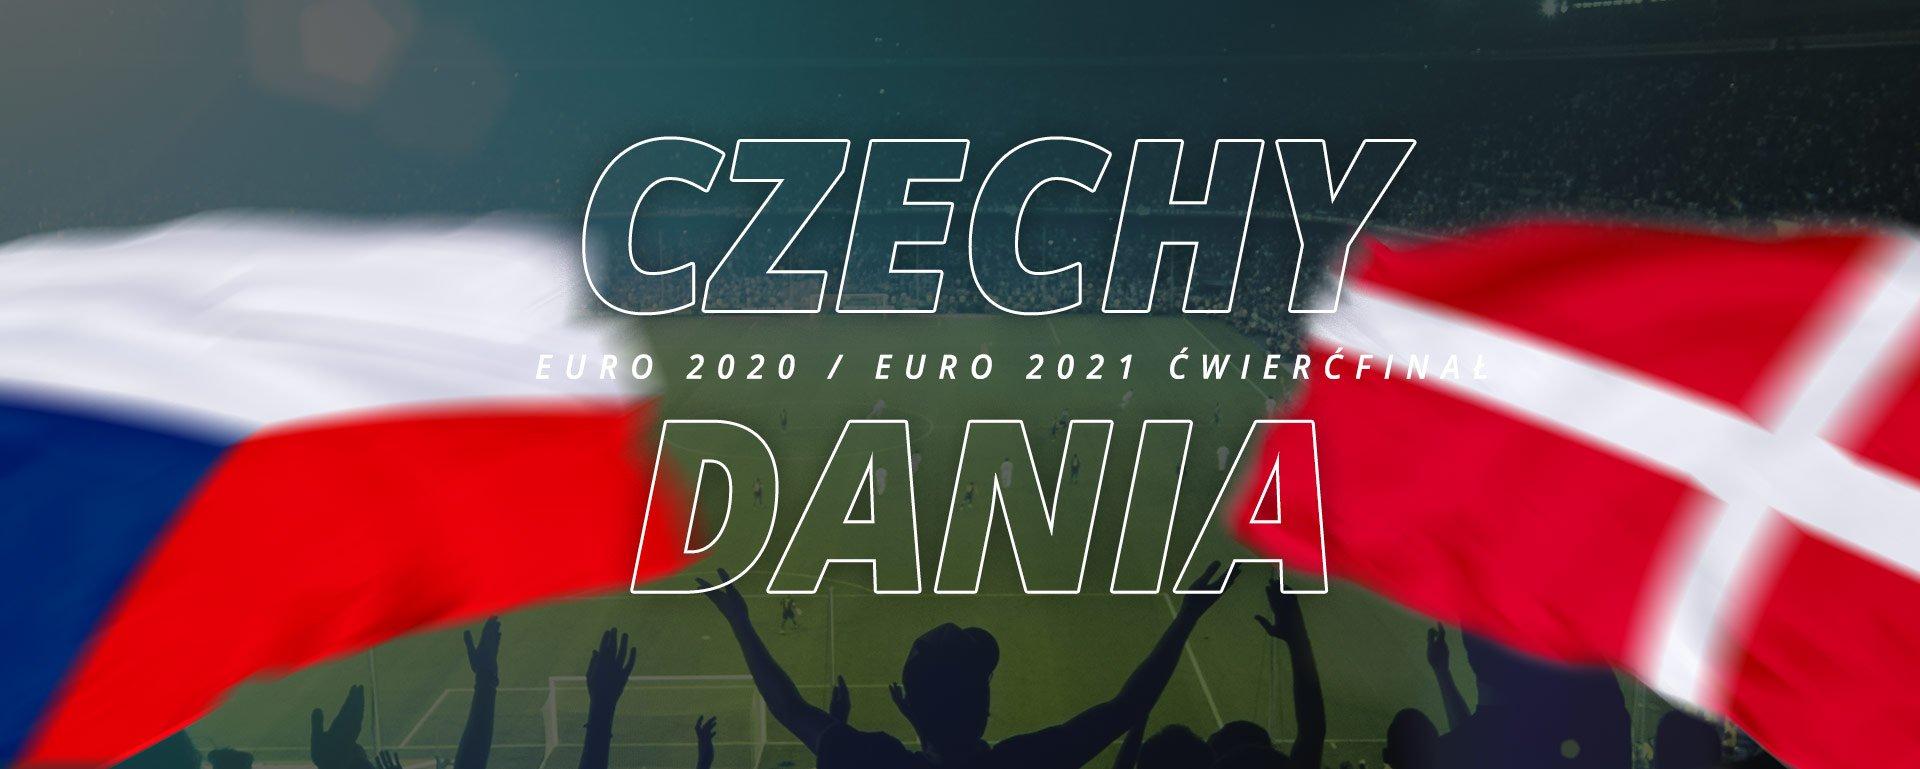 Czechy – Dania | ćwierćfinał Euro 2020 / Euro 2021